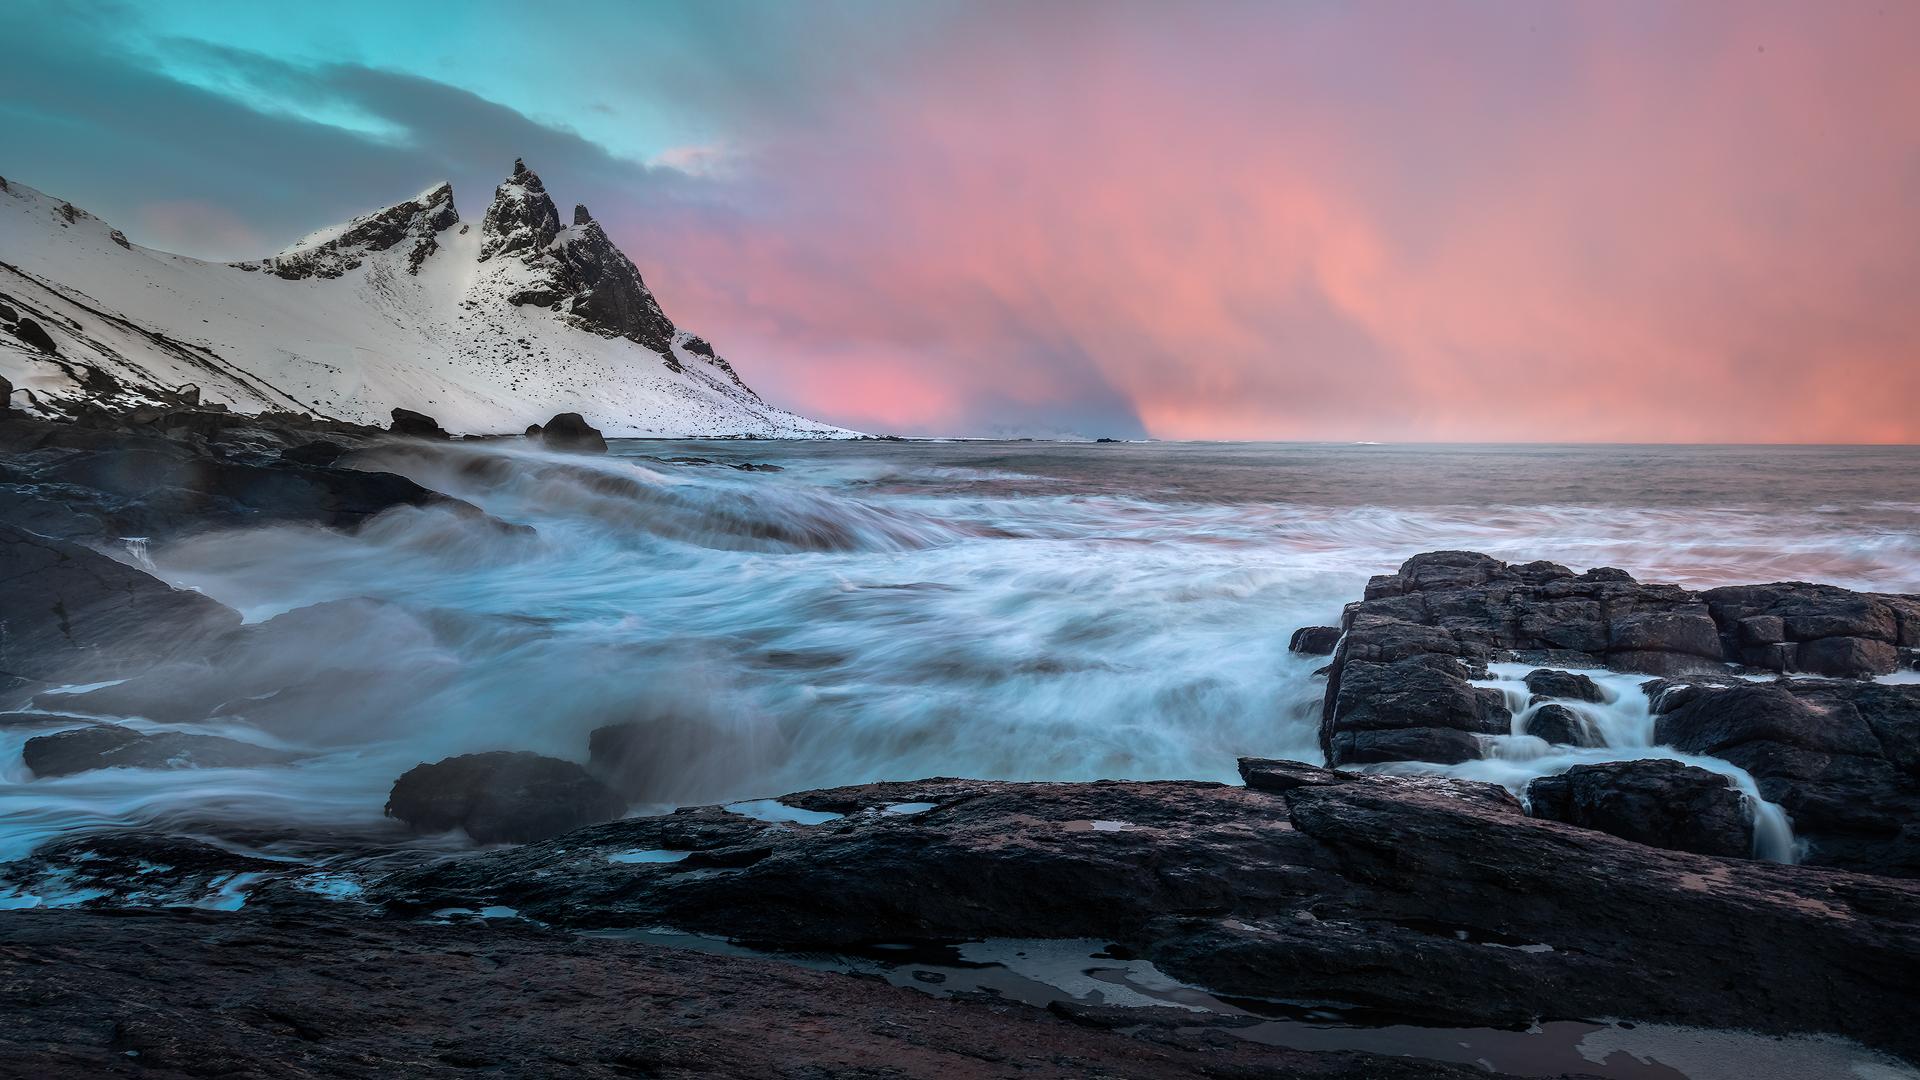 ijsland feb 2019-1212 kopiëren.jpg